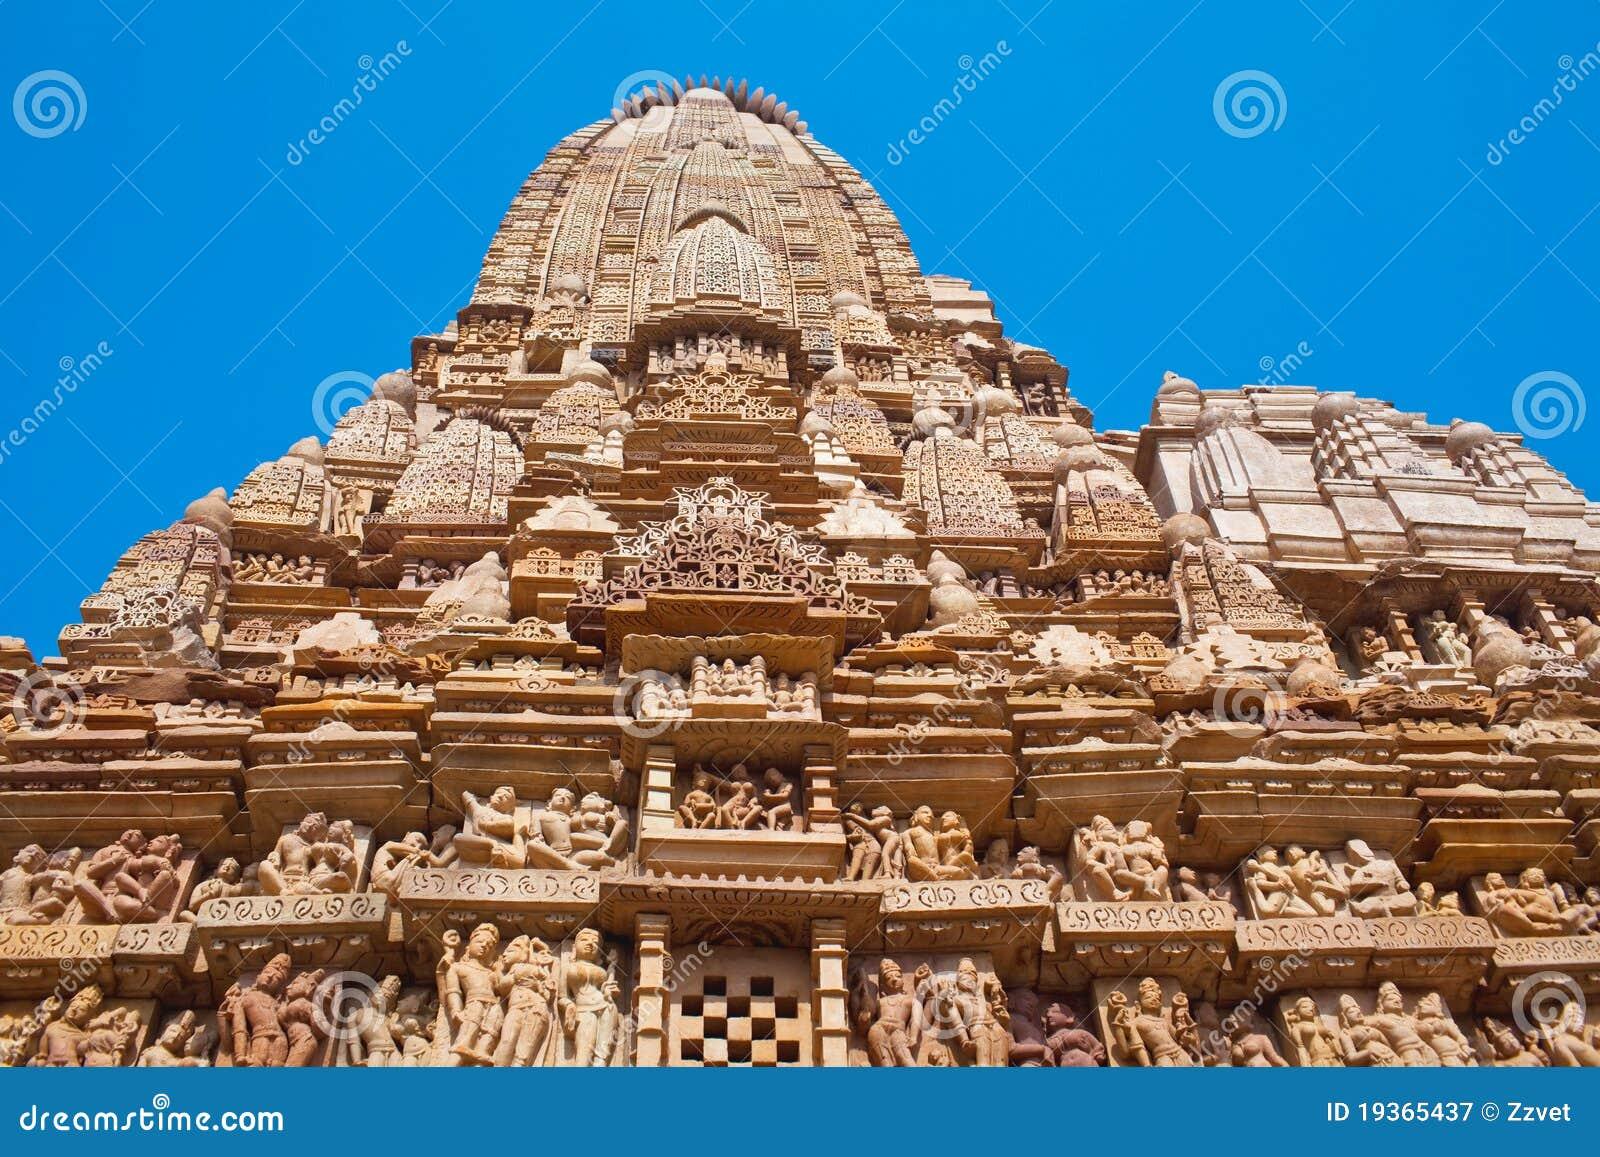 Templo erótico famoso em Khajuraho, India